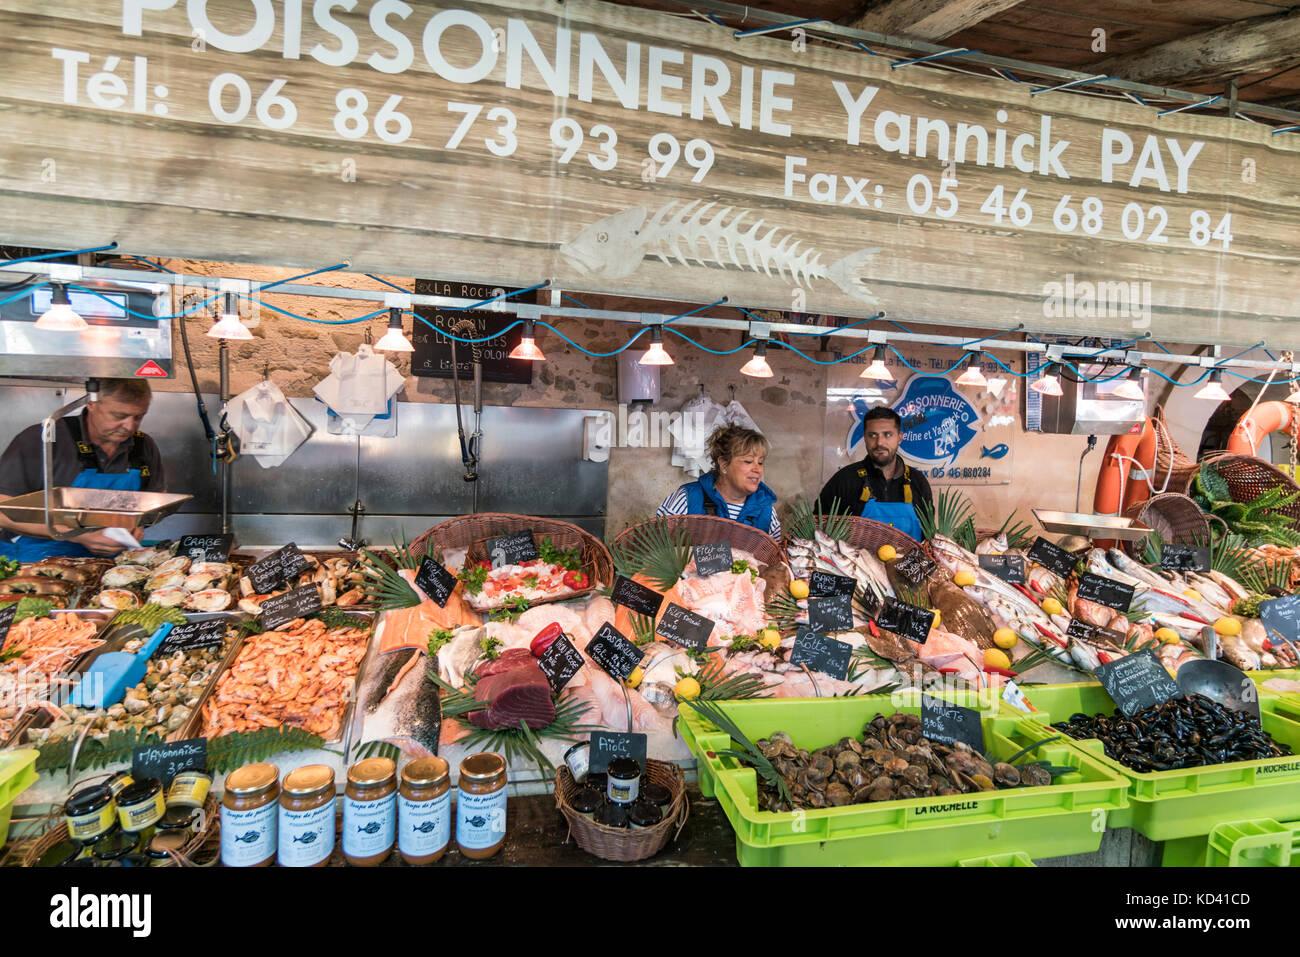 fish market, fruits de Mer, Ile de Re, Nouvelle-Aquitaine, french westcoast, france, - Stock Image